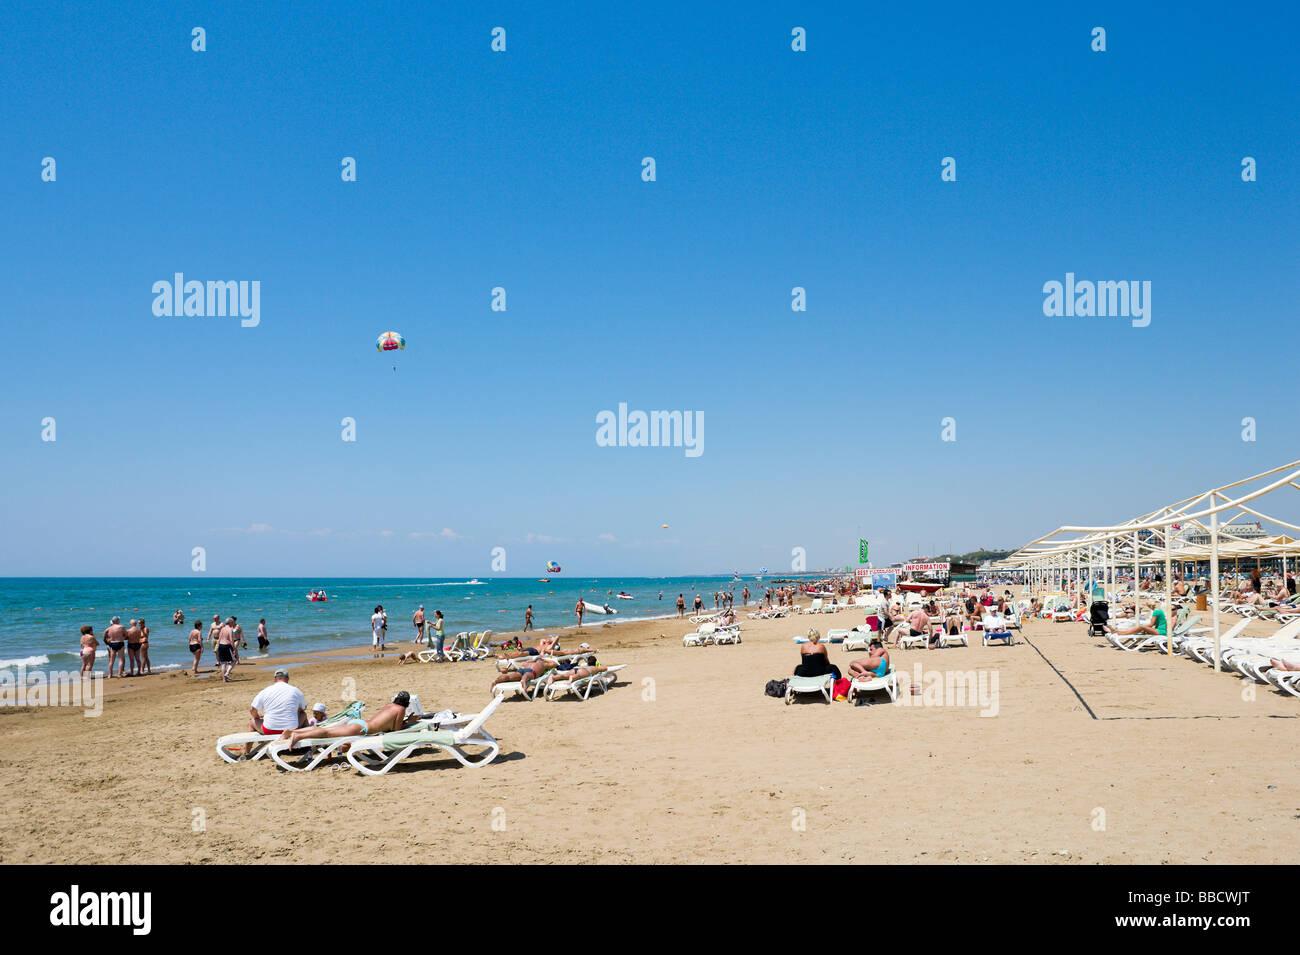 Spiaggia a ovest di lato, costa mediterranea, Turchia Immagini Stock